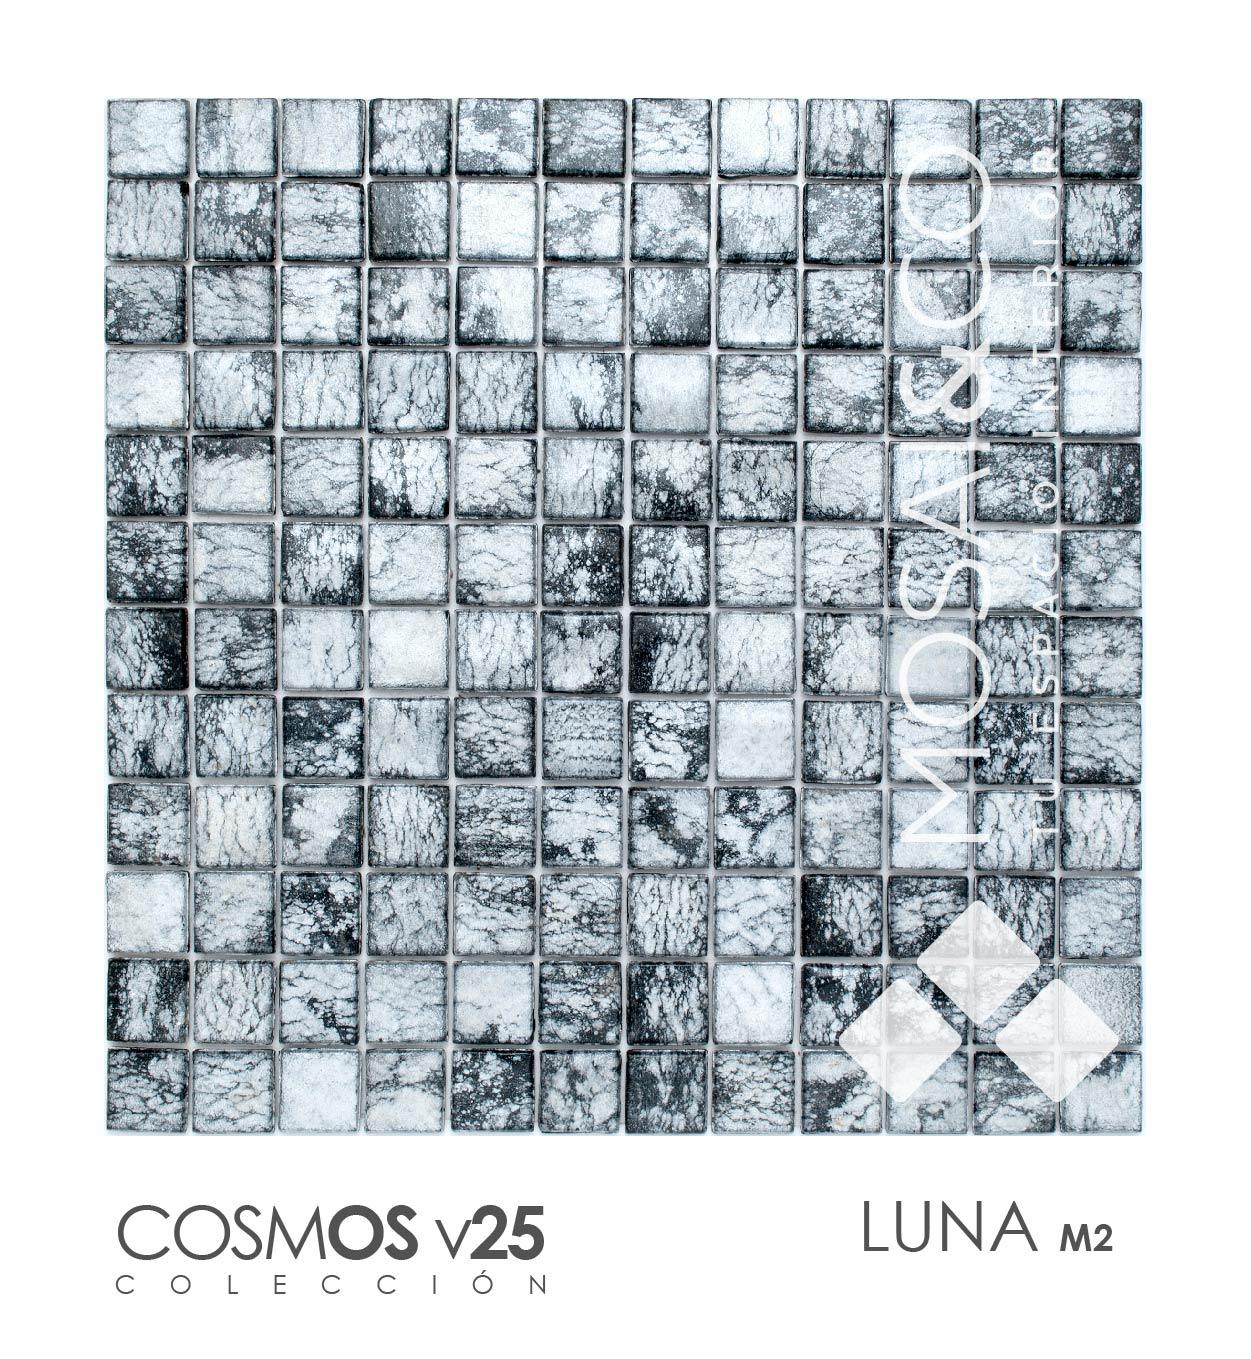 mosaico-decoracion-interiores-mosaiandco-coleccion-cosmos_luna-m2